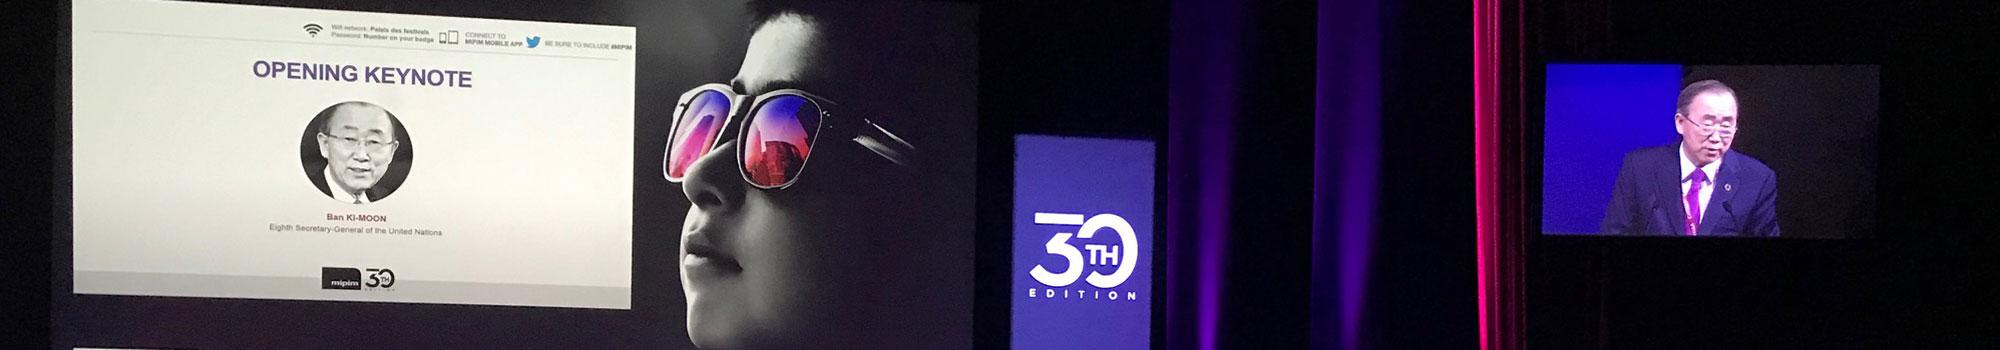 photo de Ban Ki-Moon lors de son discours d'ouverture du Mipim 2019 auquel aw-eck - ingénierie TCE - a assisté.